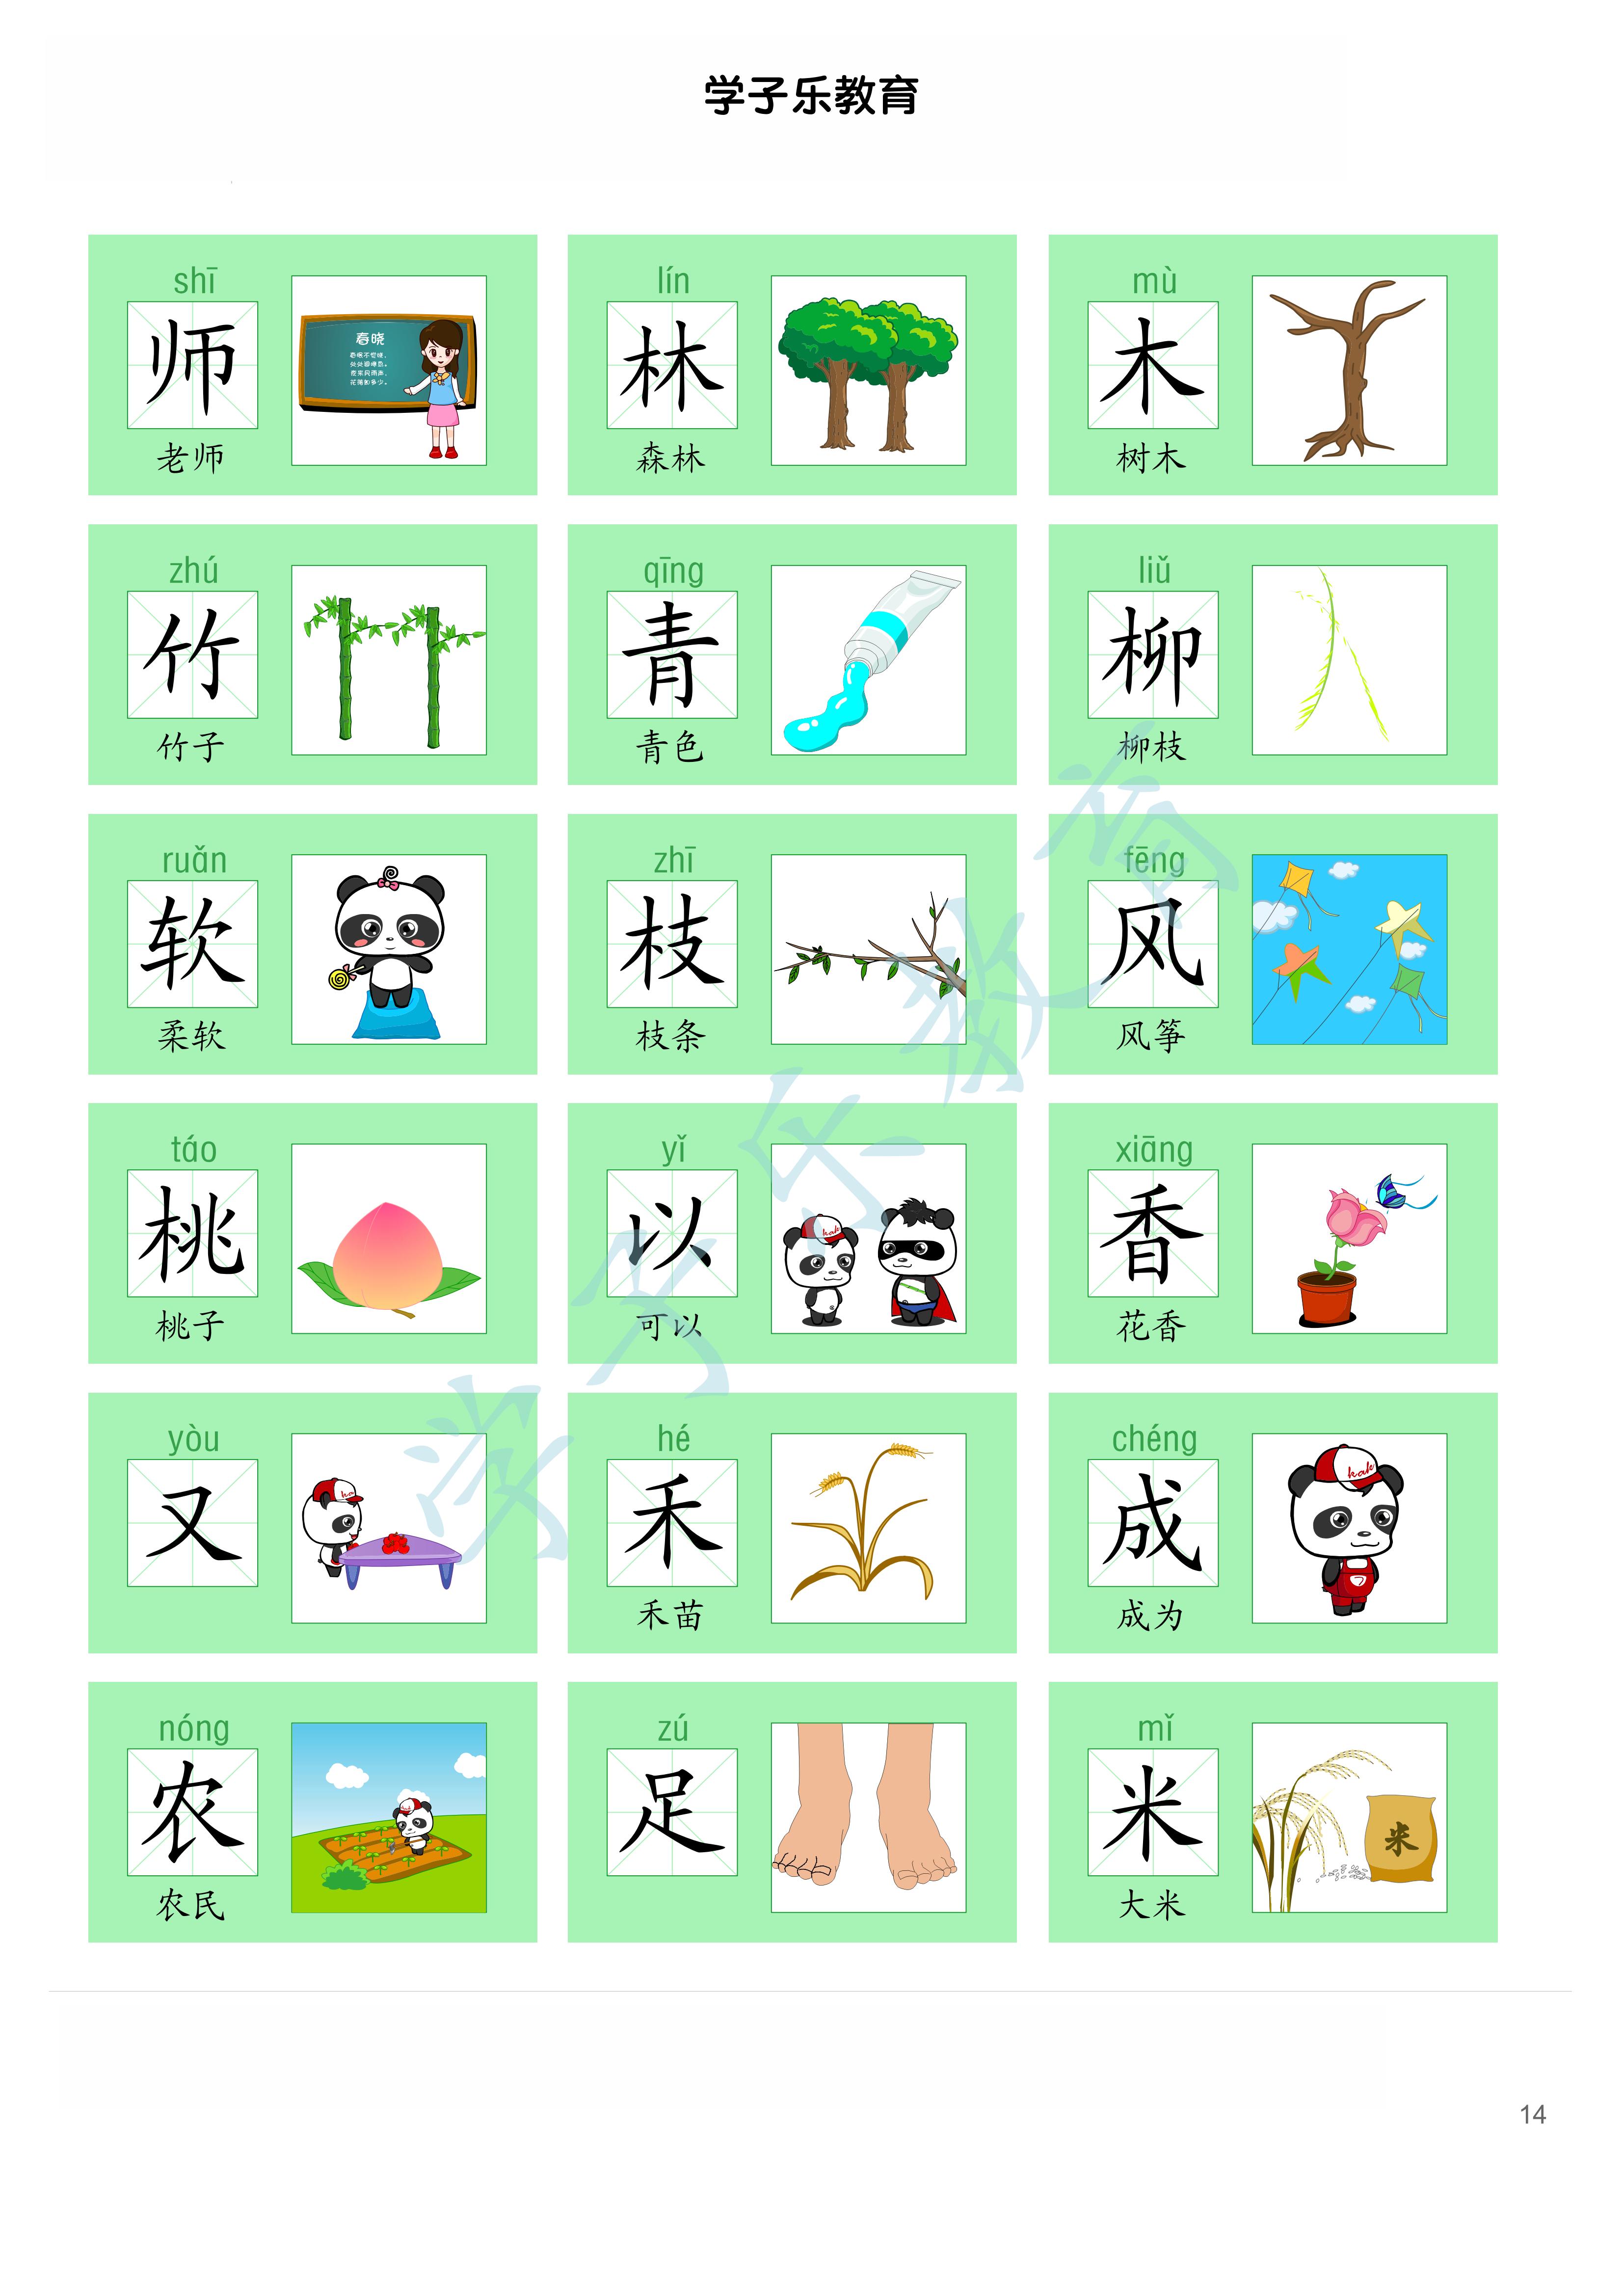 图文识字免费的软件(图文识字怎么用)插图13